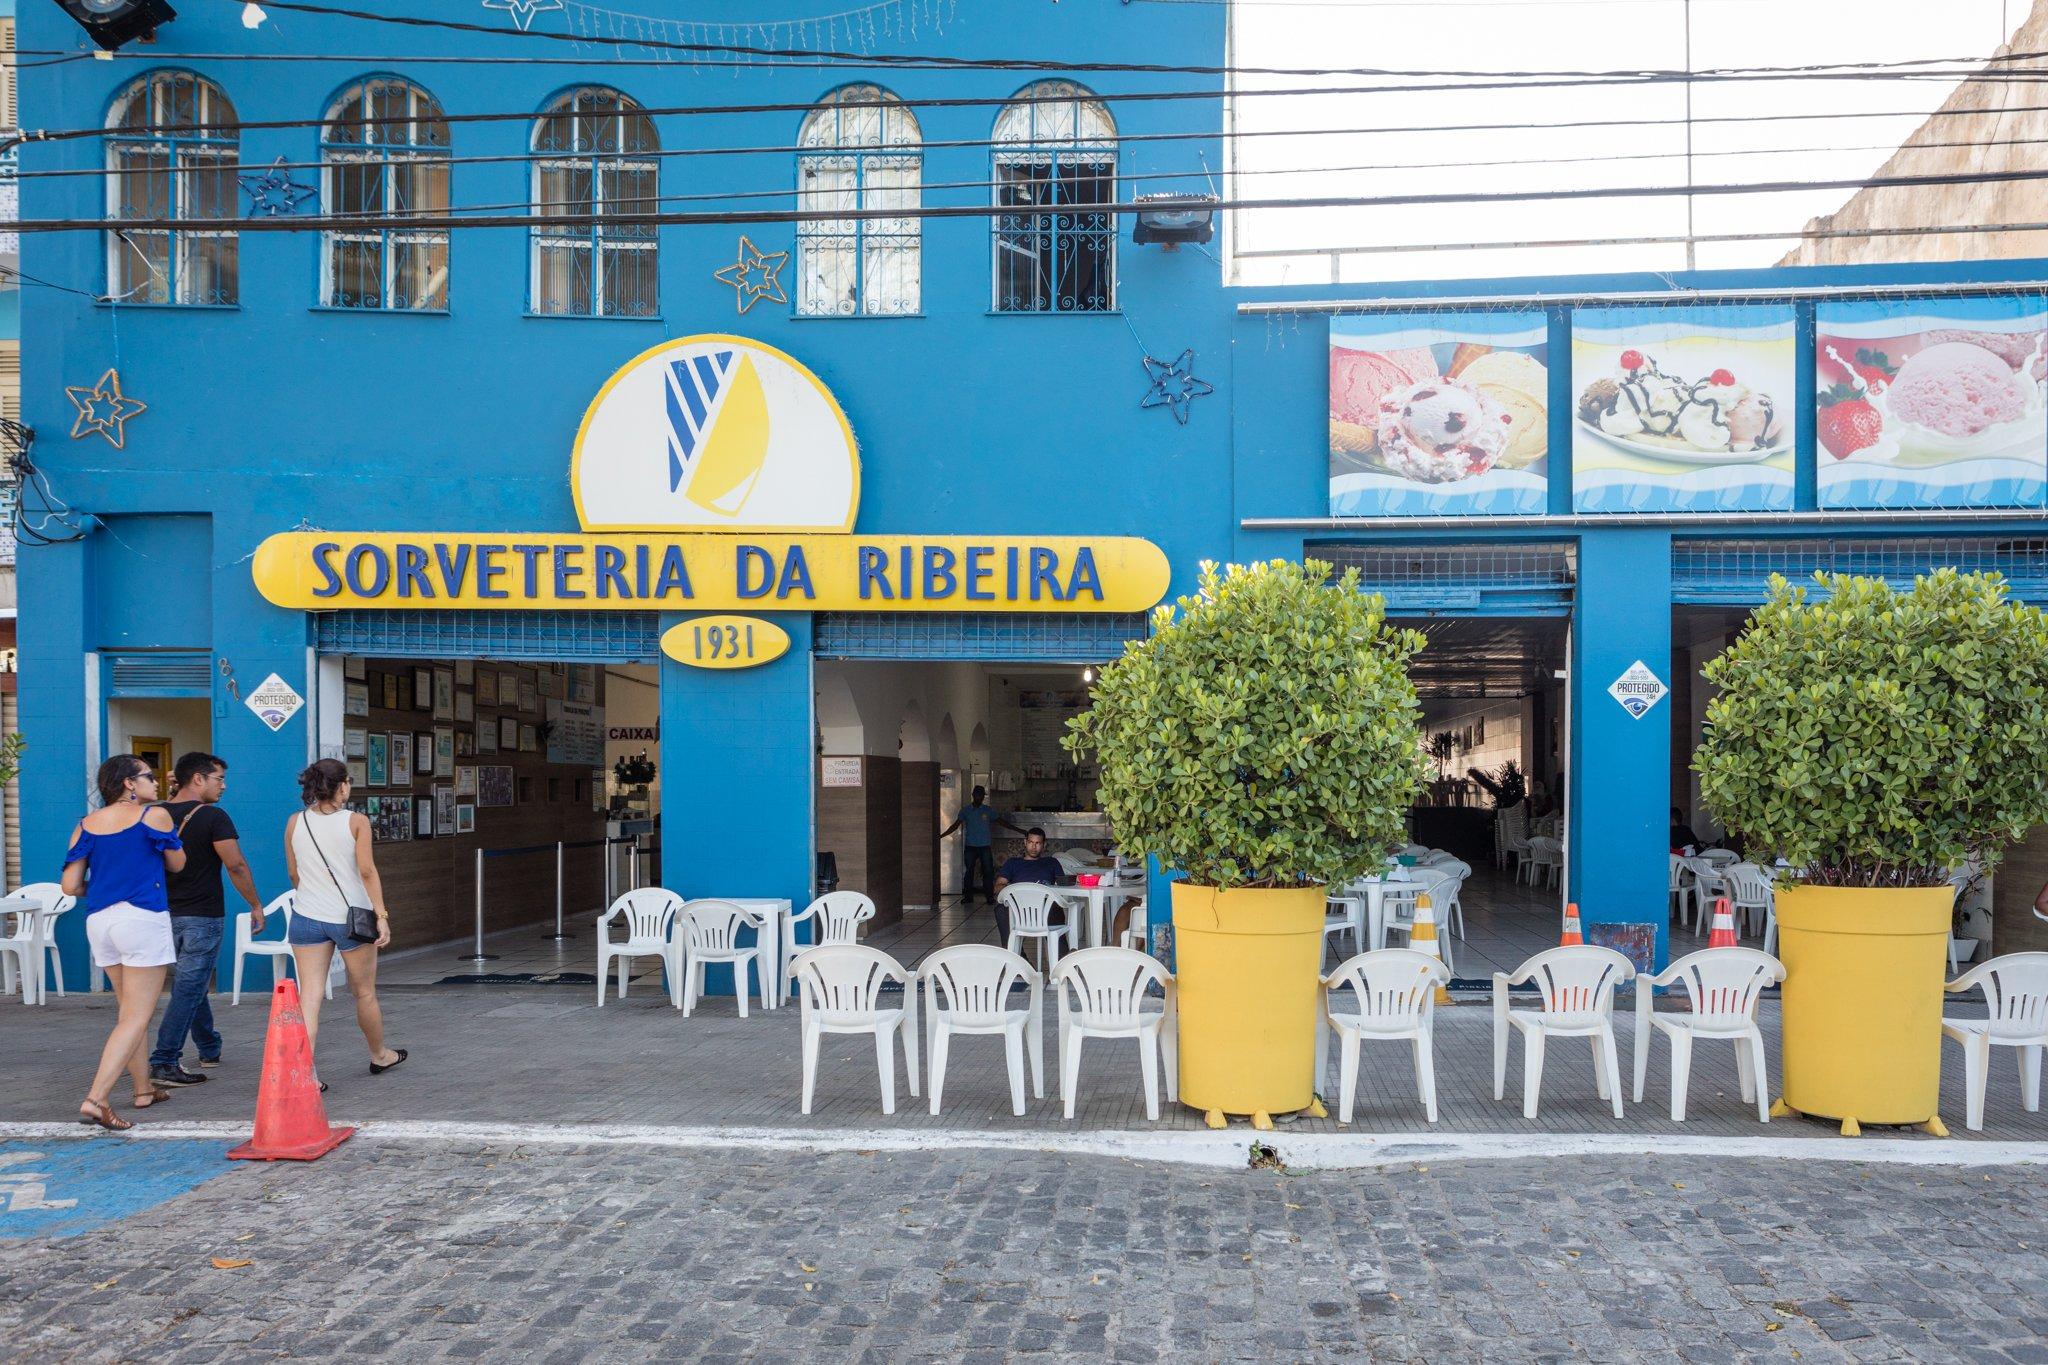 Sorveteria da Ribeira - Salvador da Bahia